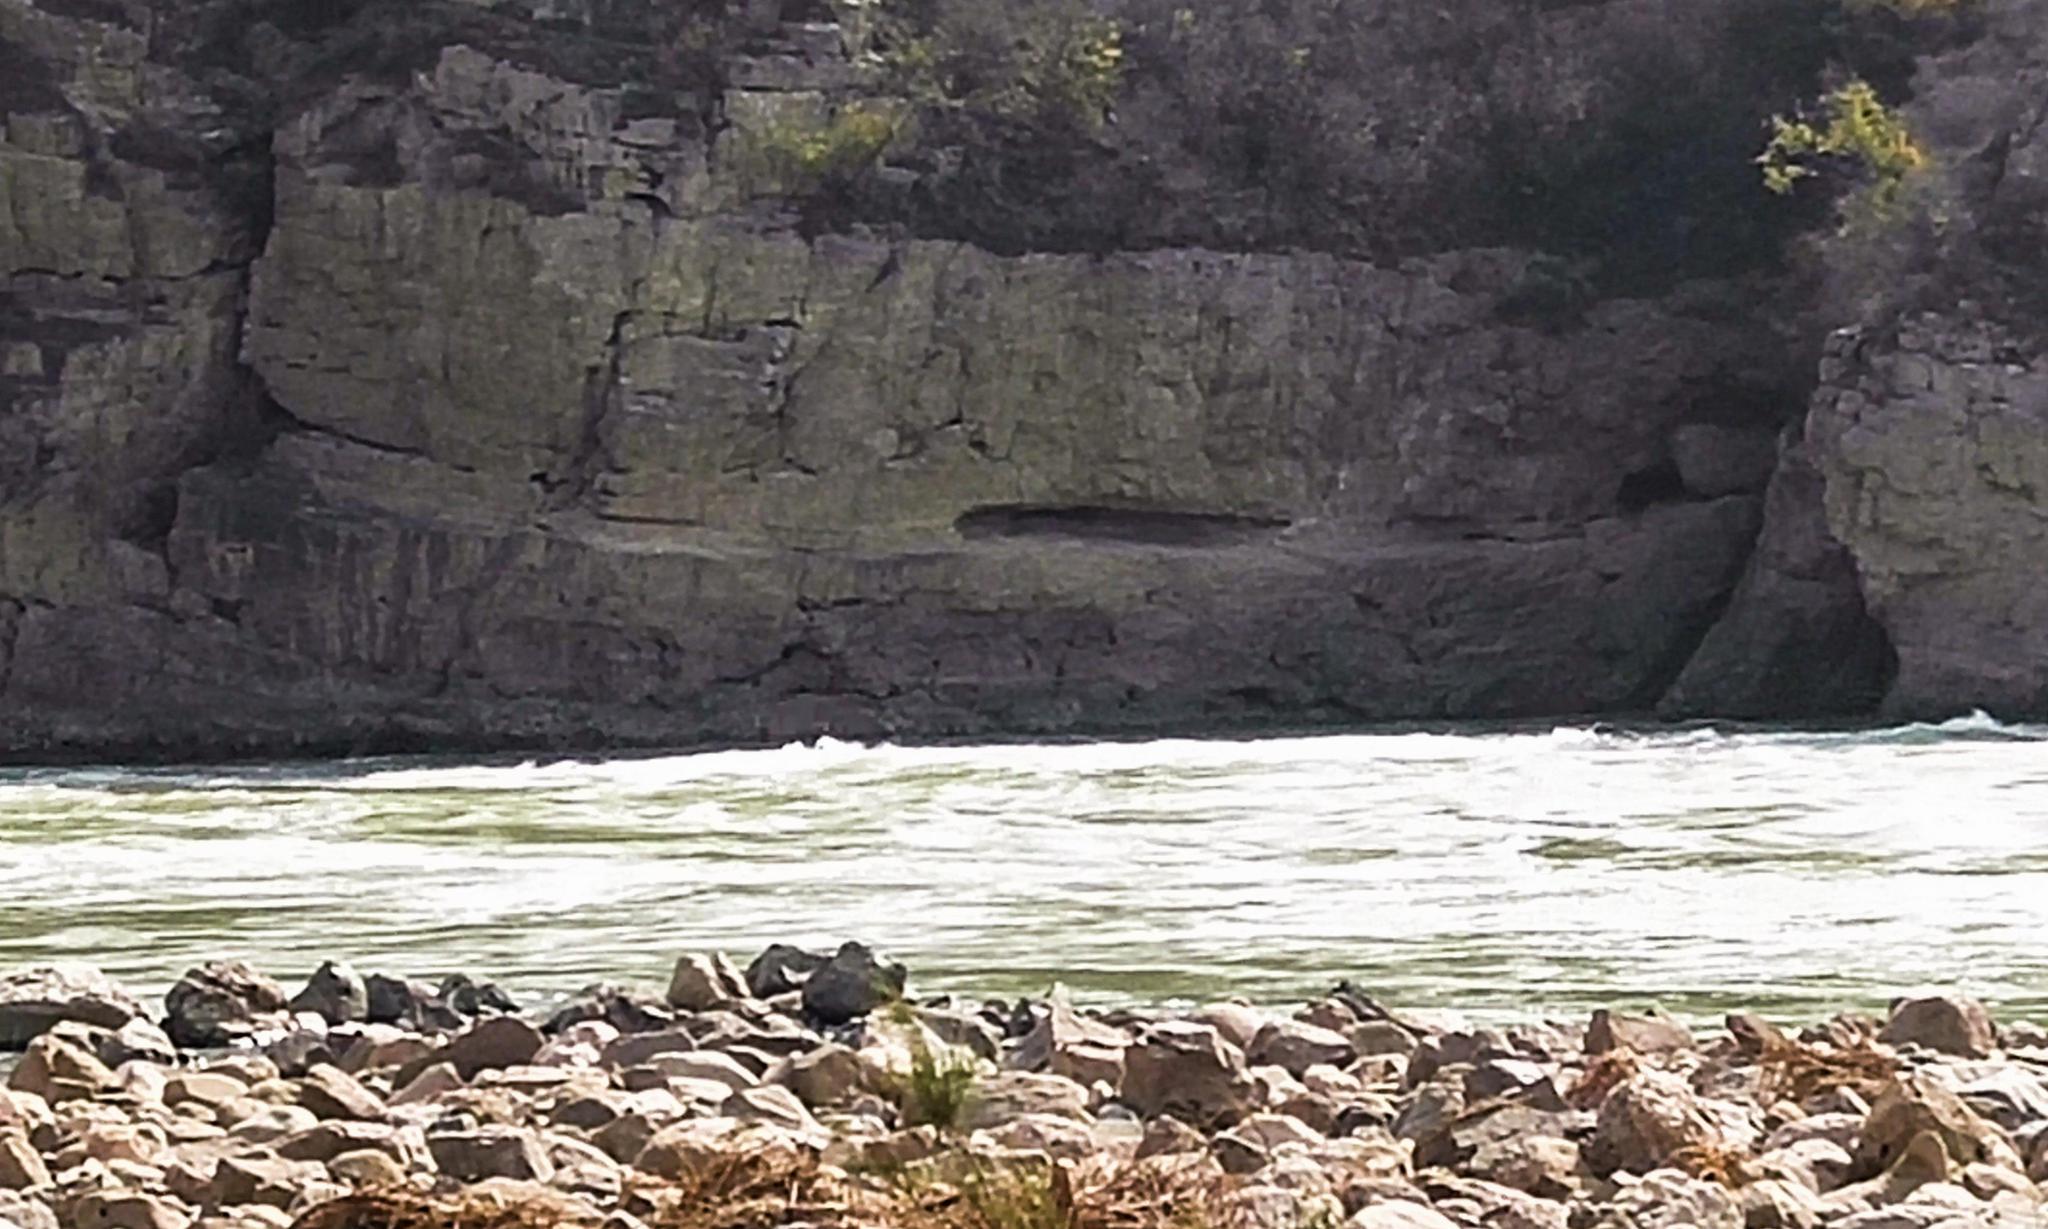 悬崖绝壁上的千年黄河古栈道,三门峡谷内,看是啥样子